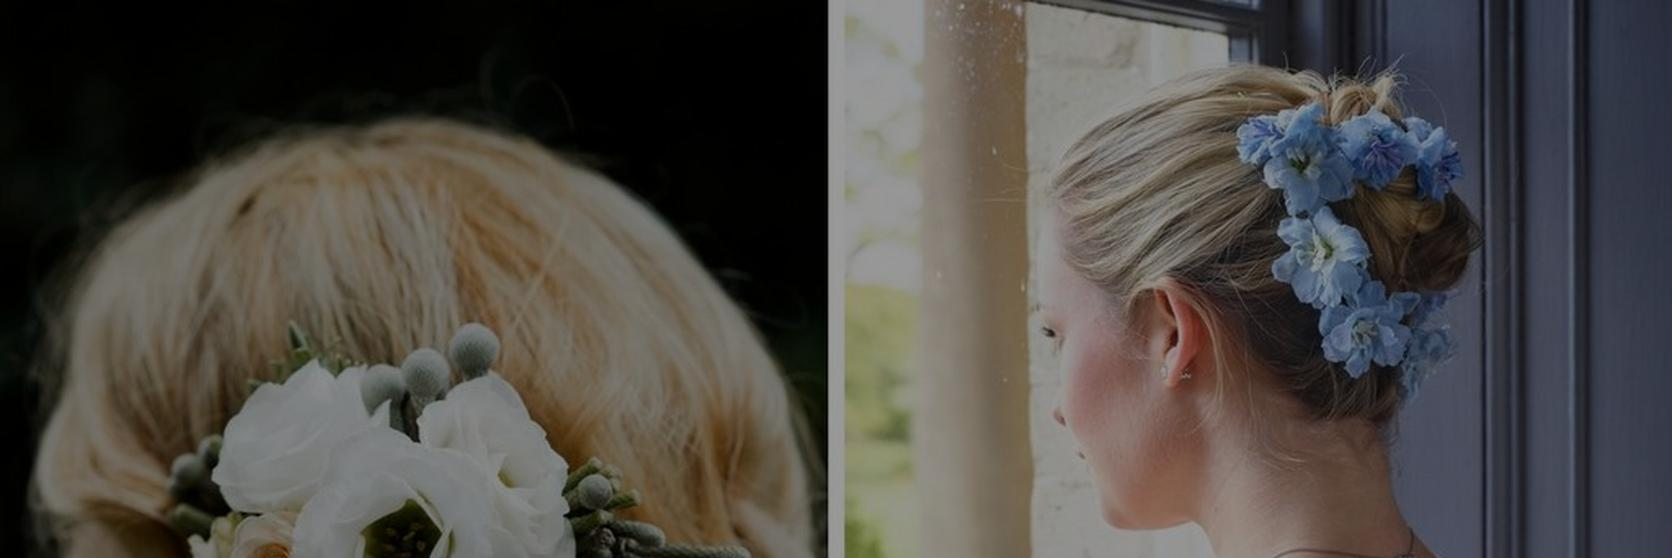 Wedding-flowers-in-hair